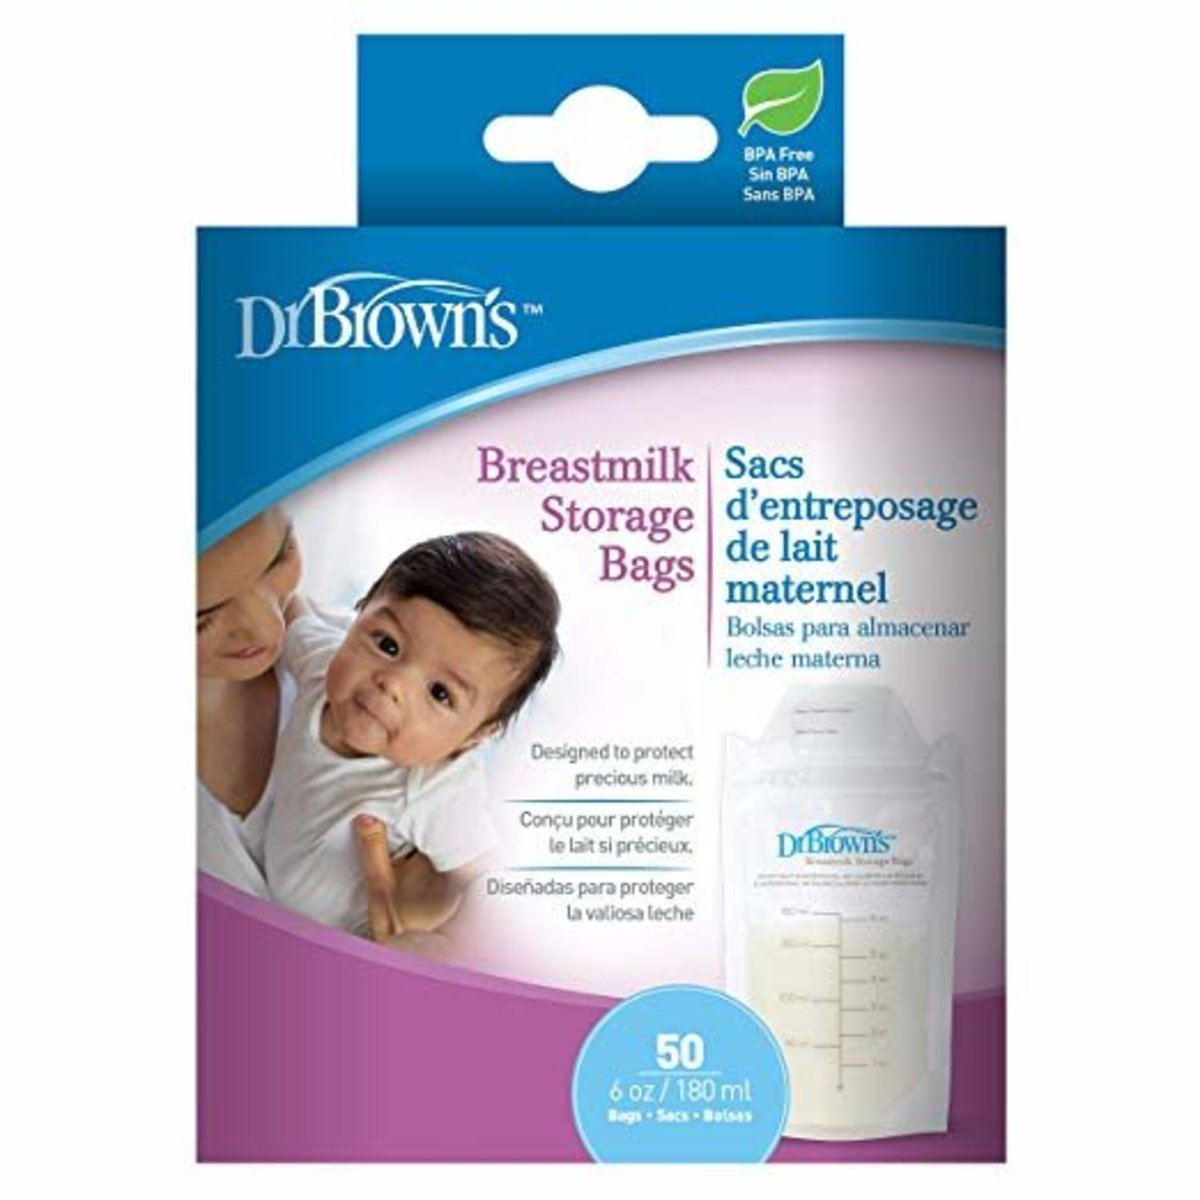 Breastmilk Storage Bags 50 packs (parallel goods)